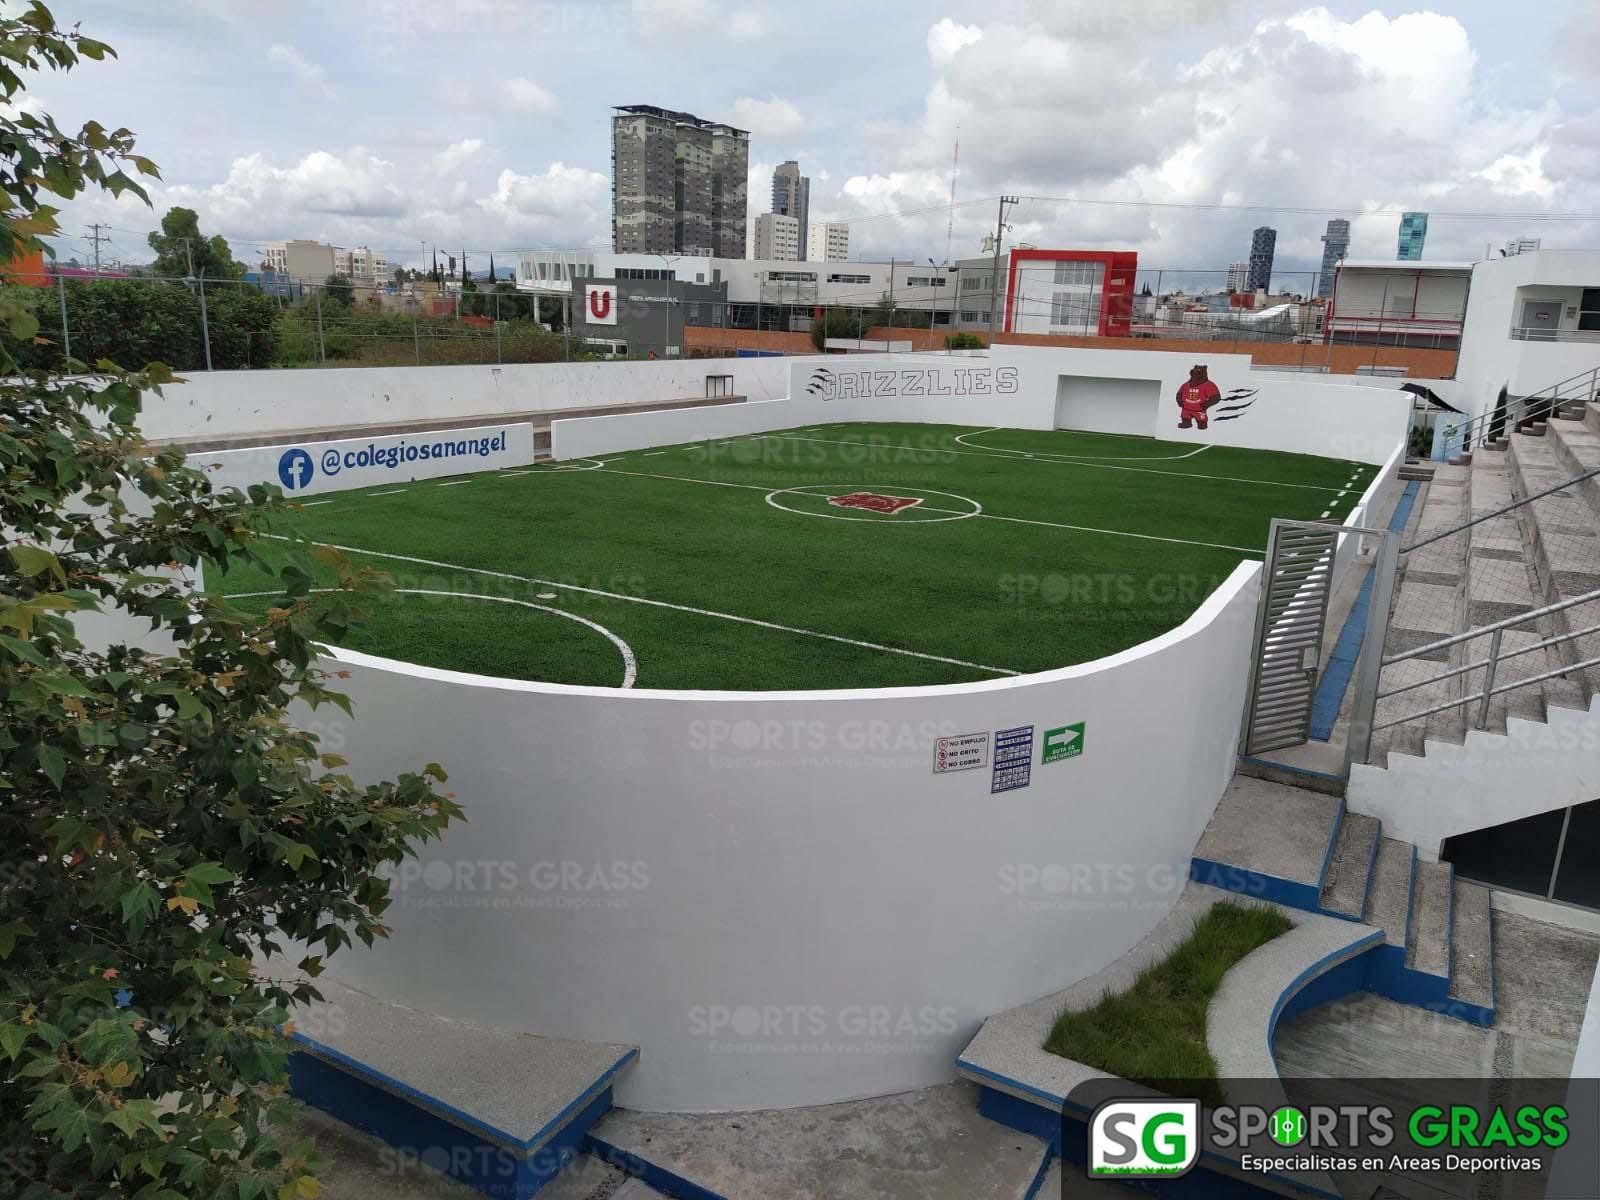 Futbol rápido con logotipo, colegio San Angel Puebla SportsGrass 01